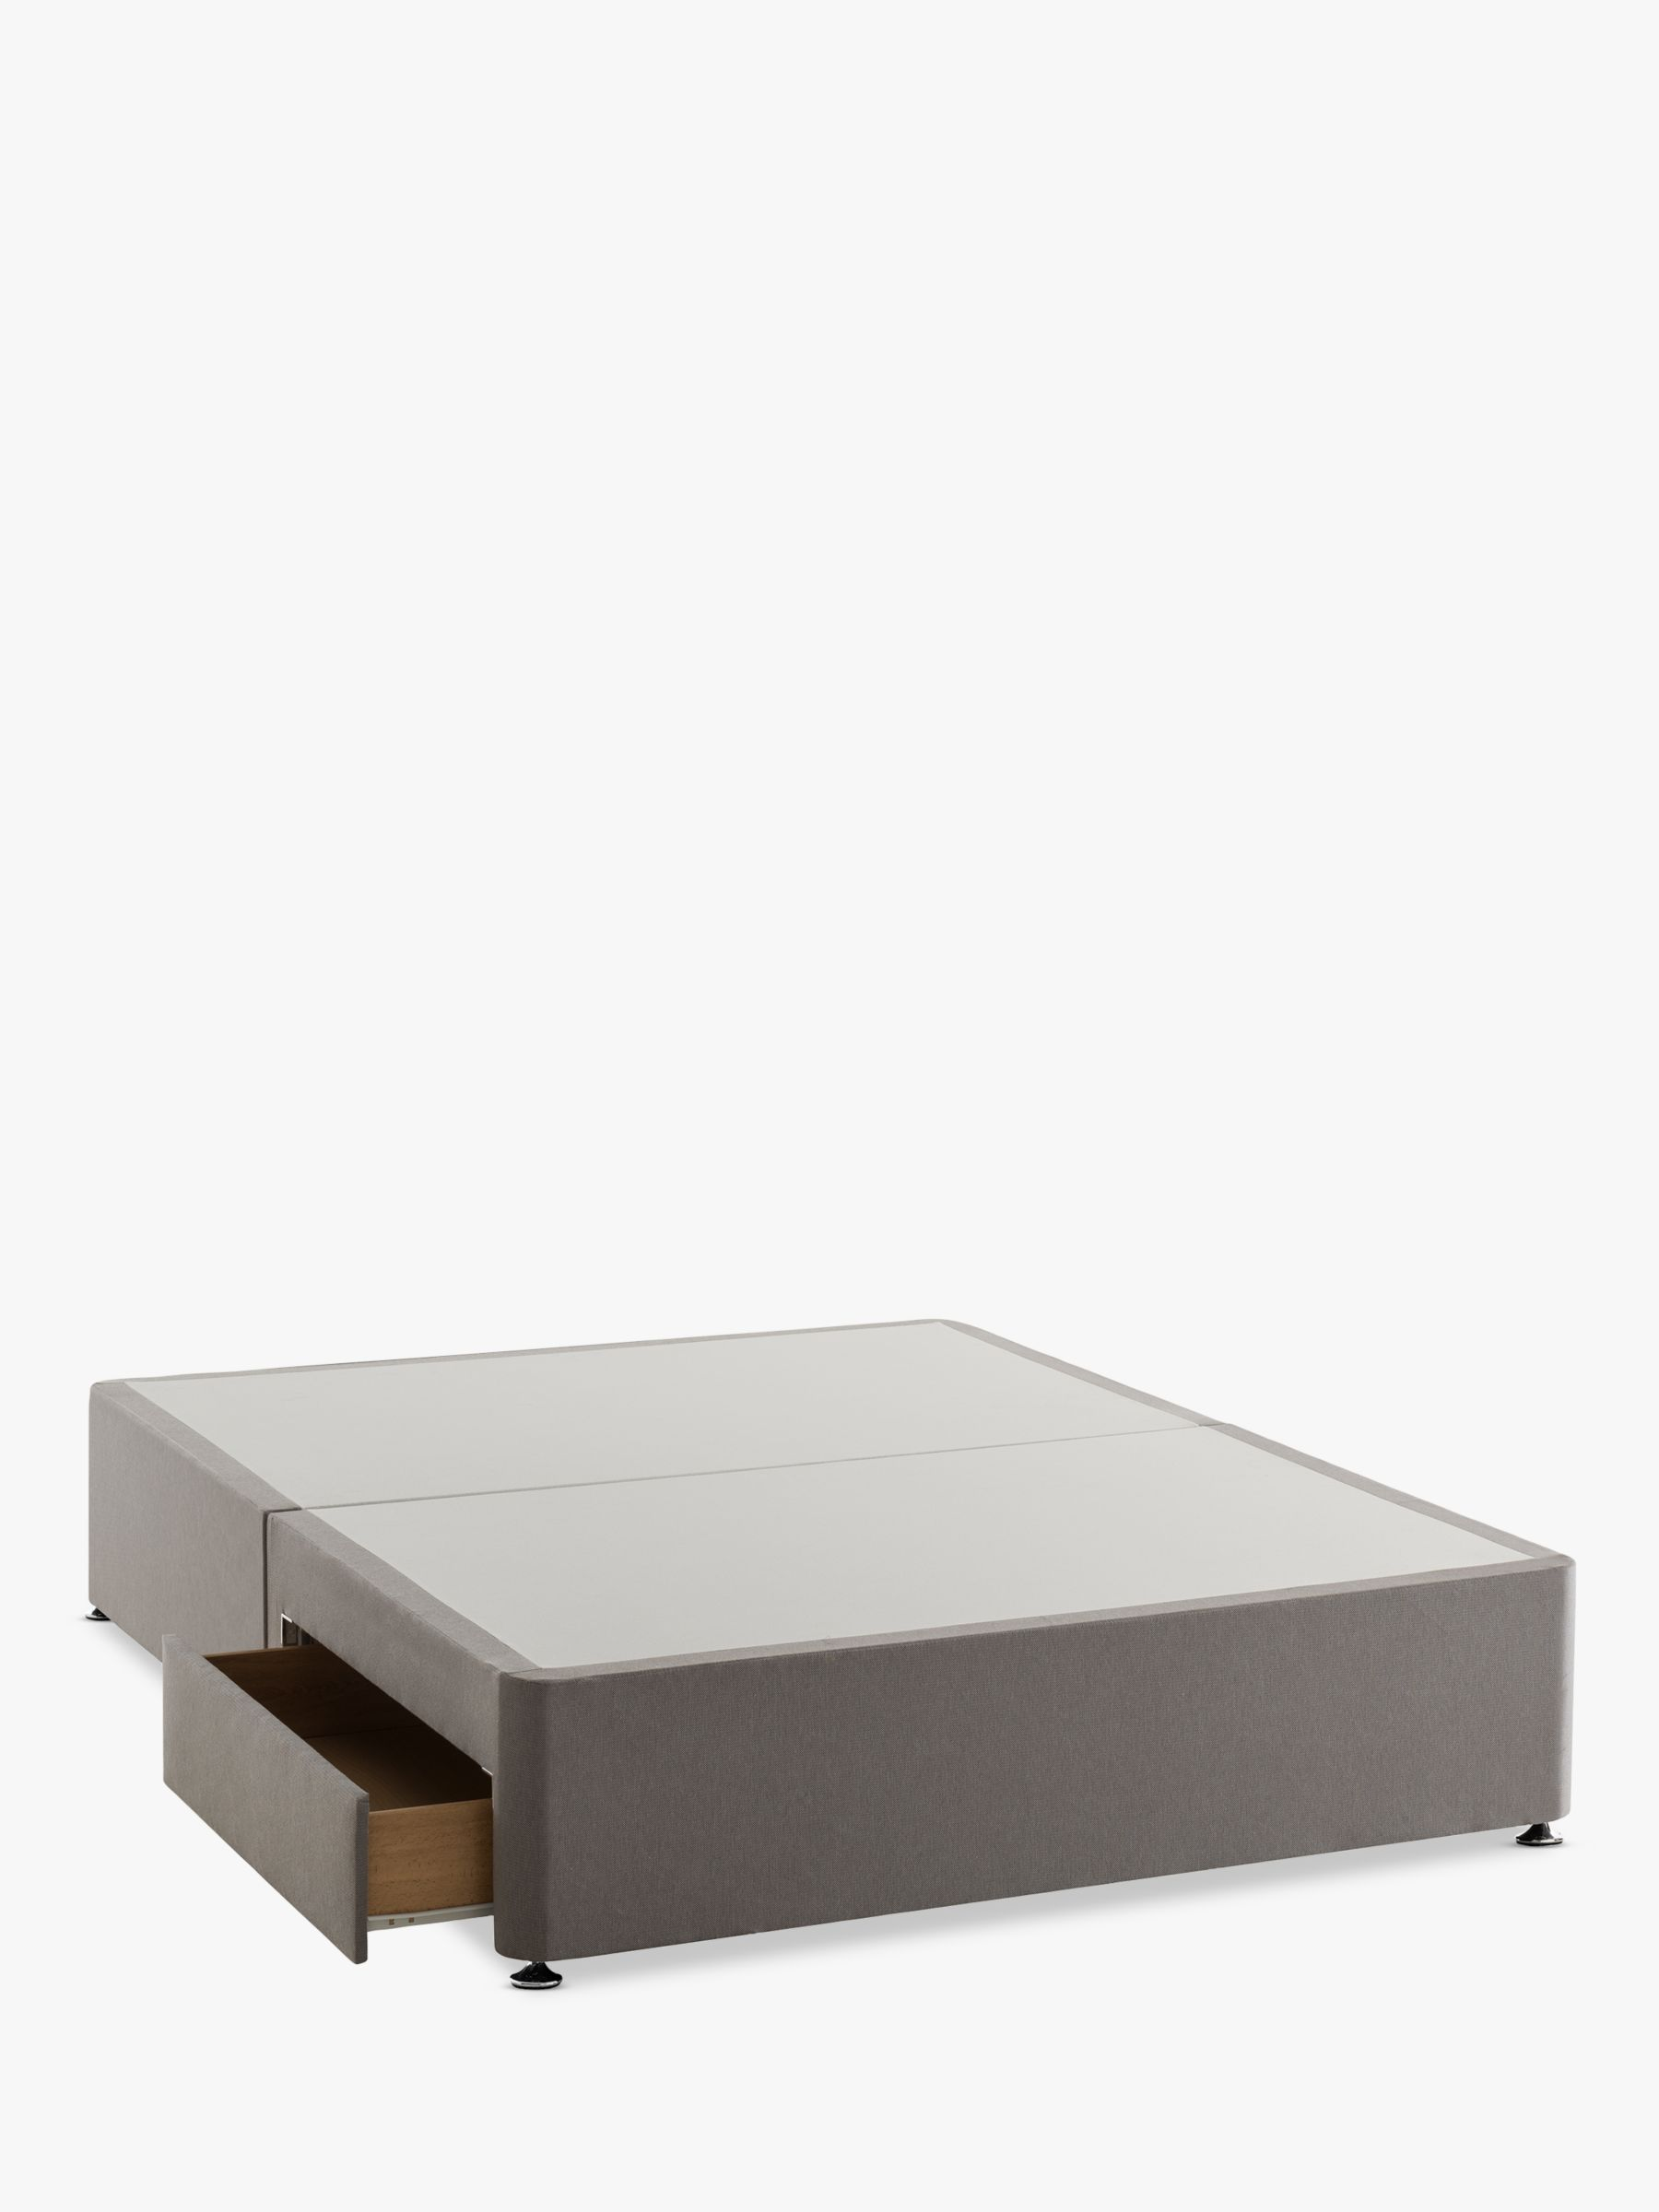 Silentnight Silentnight Non Sprung 2 Drawer Divan Storage Bed, Super King Size